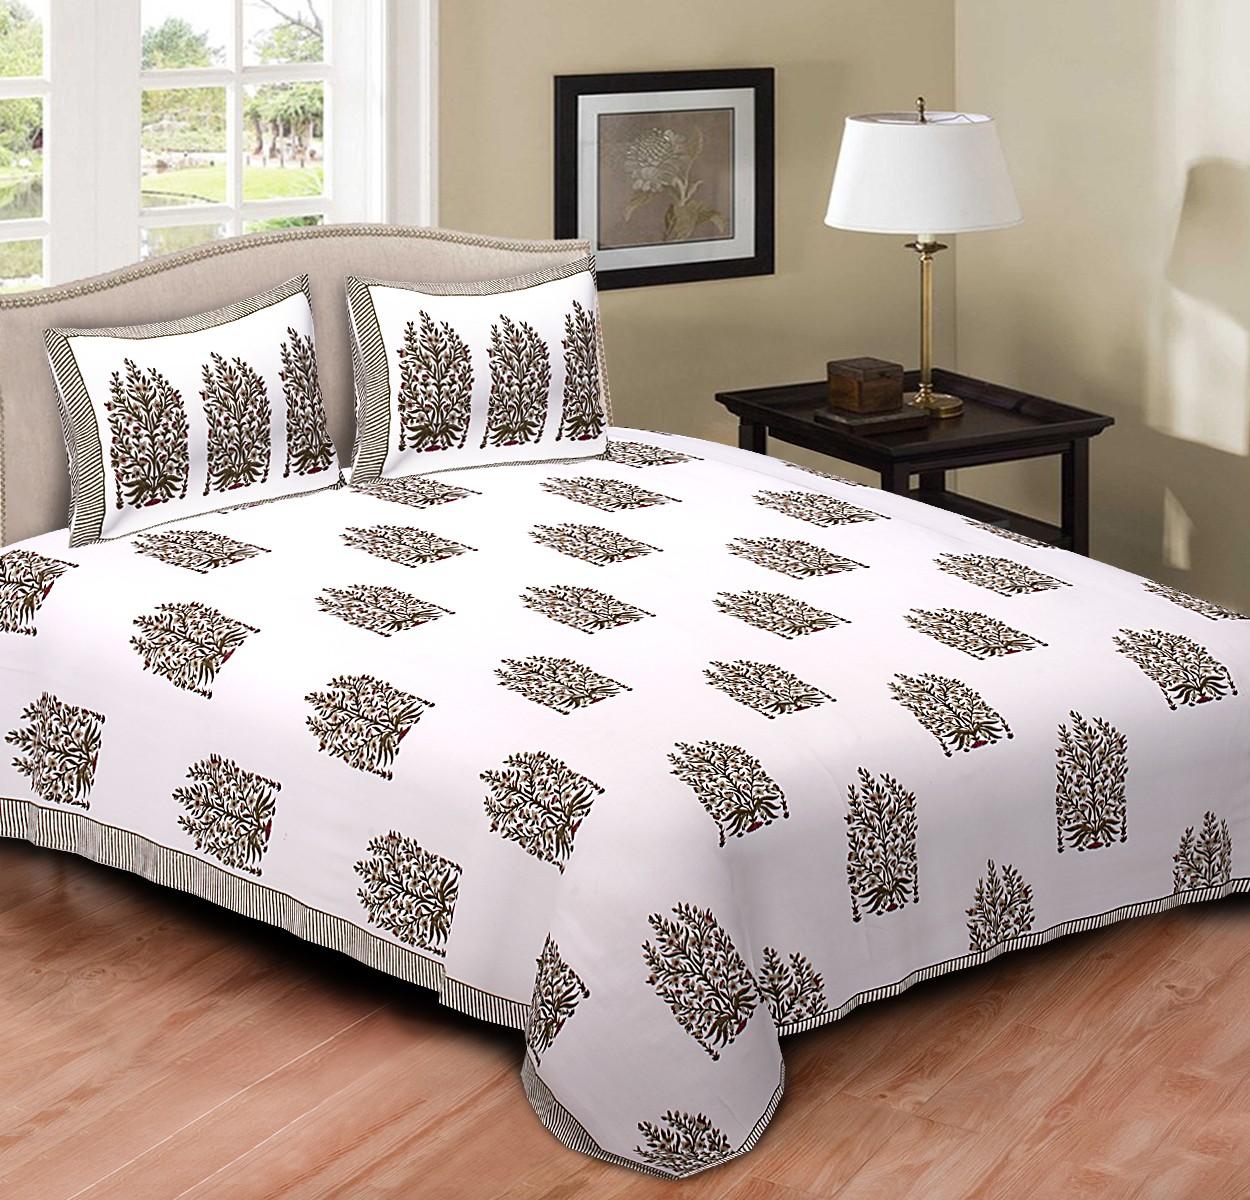 Bedspreads and bedsheet sets